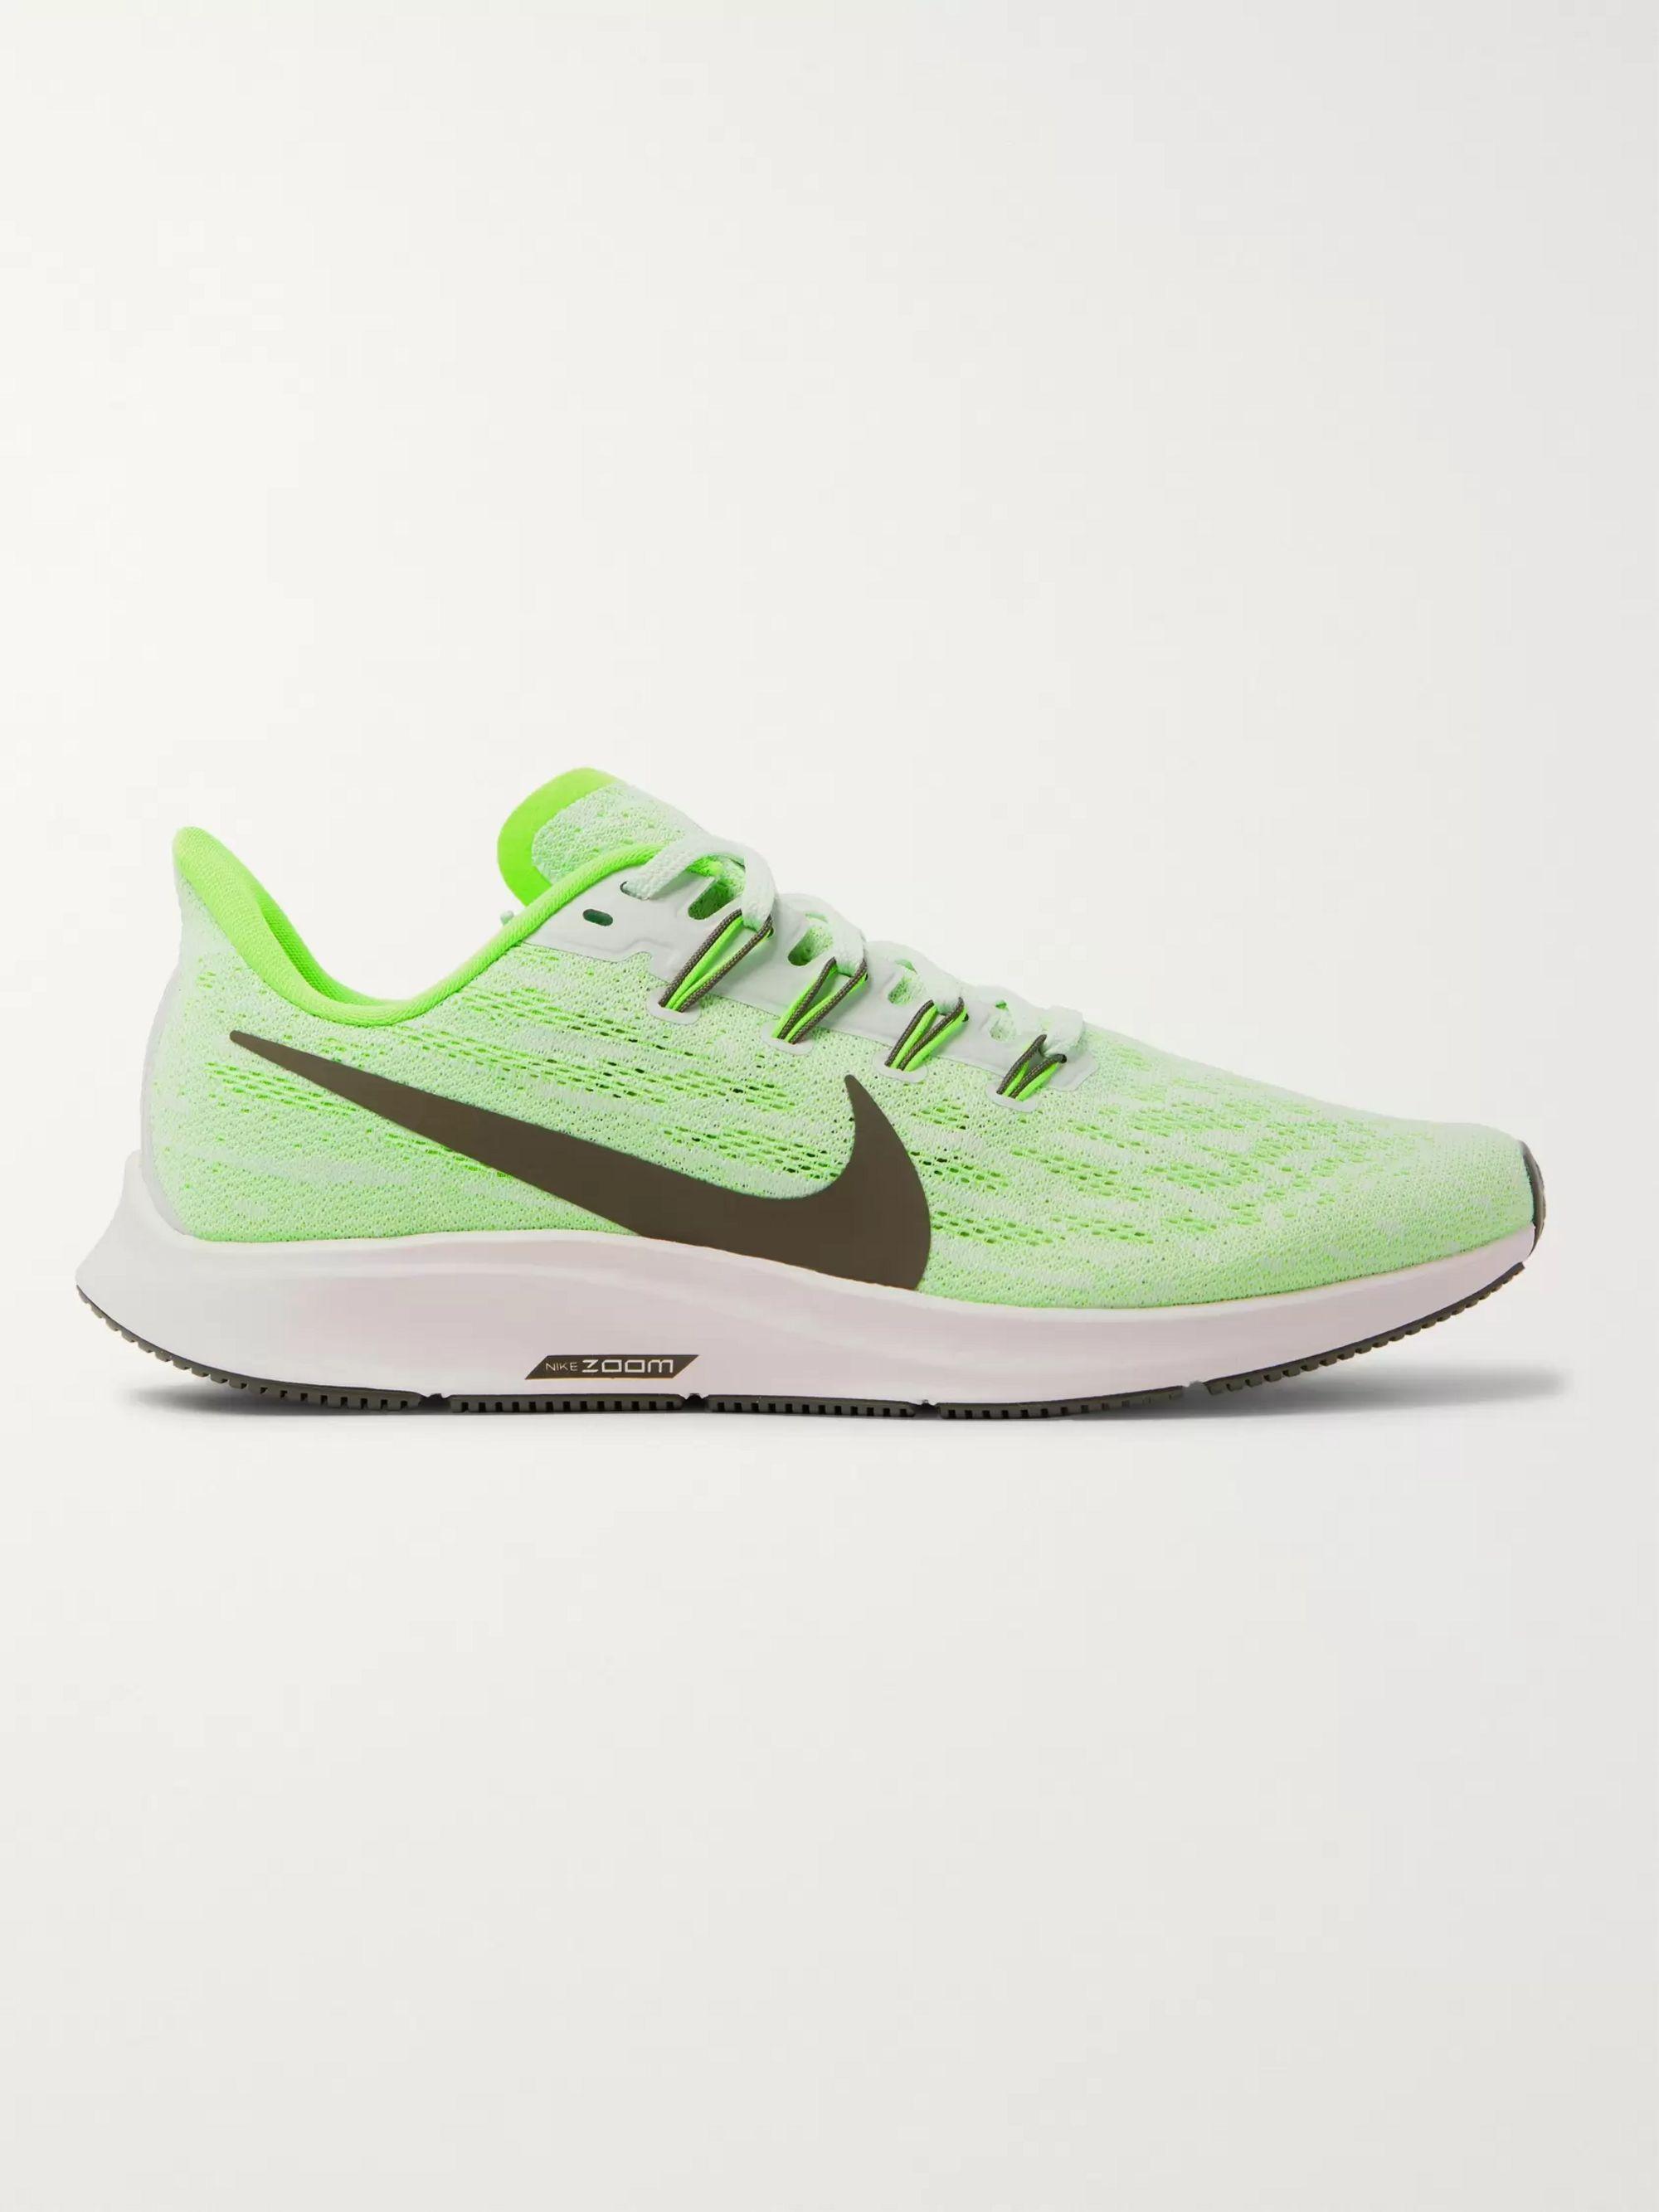 brand new 59e60 024ff Air Zoom Pegasus 36 Mesh Running Sneakers